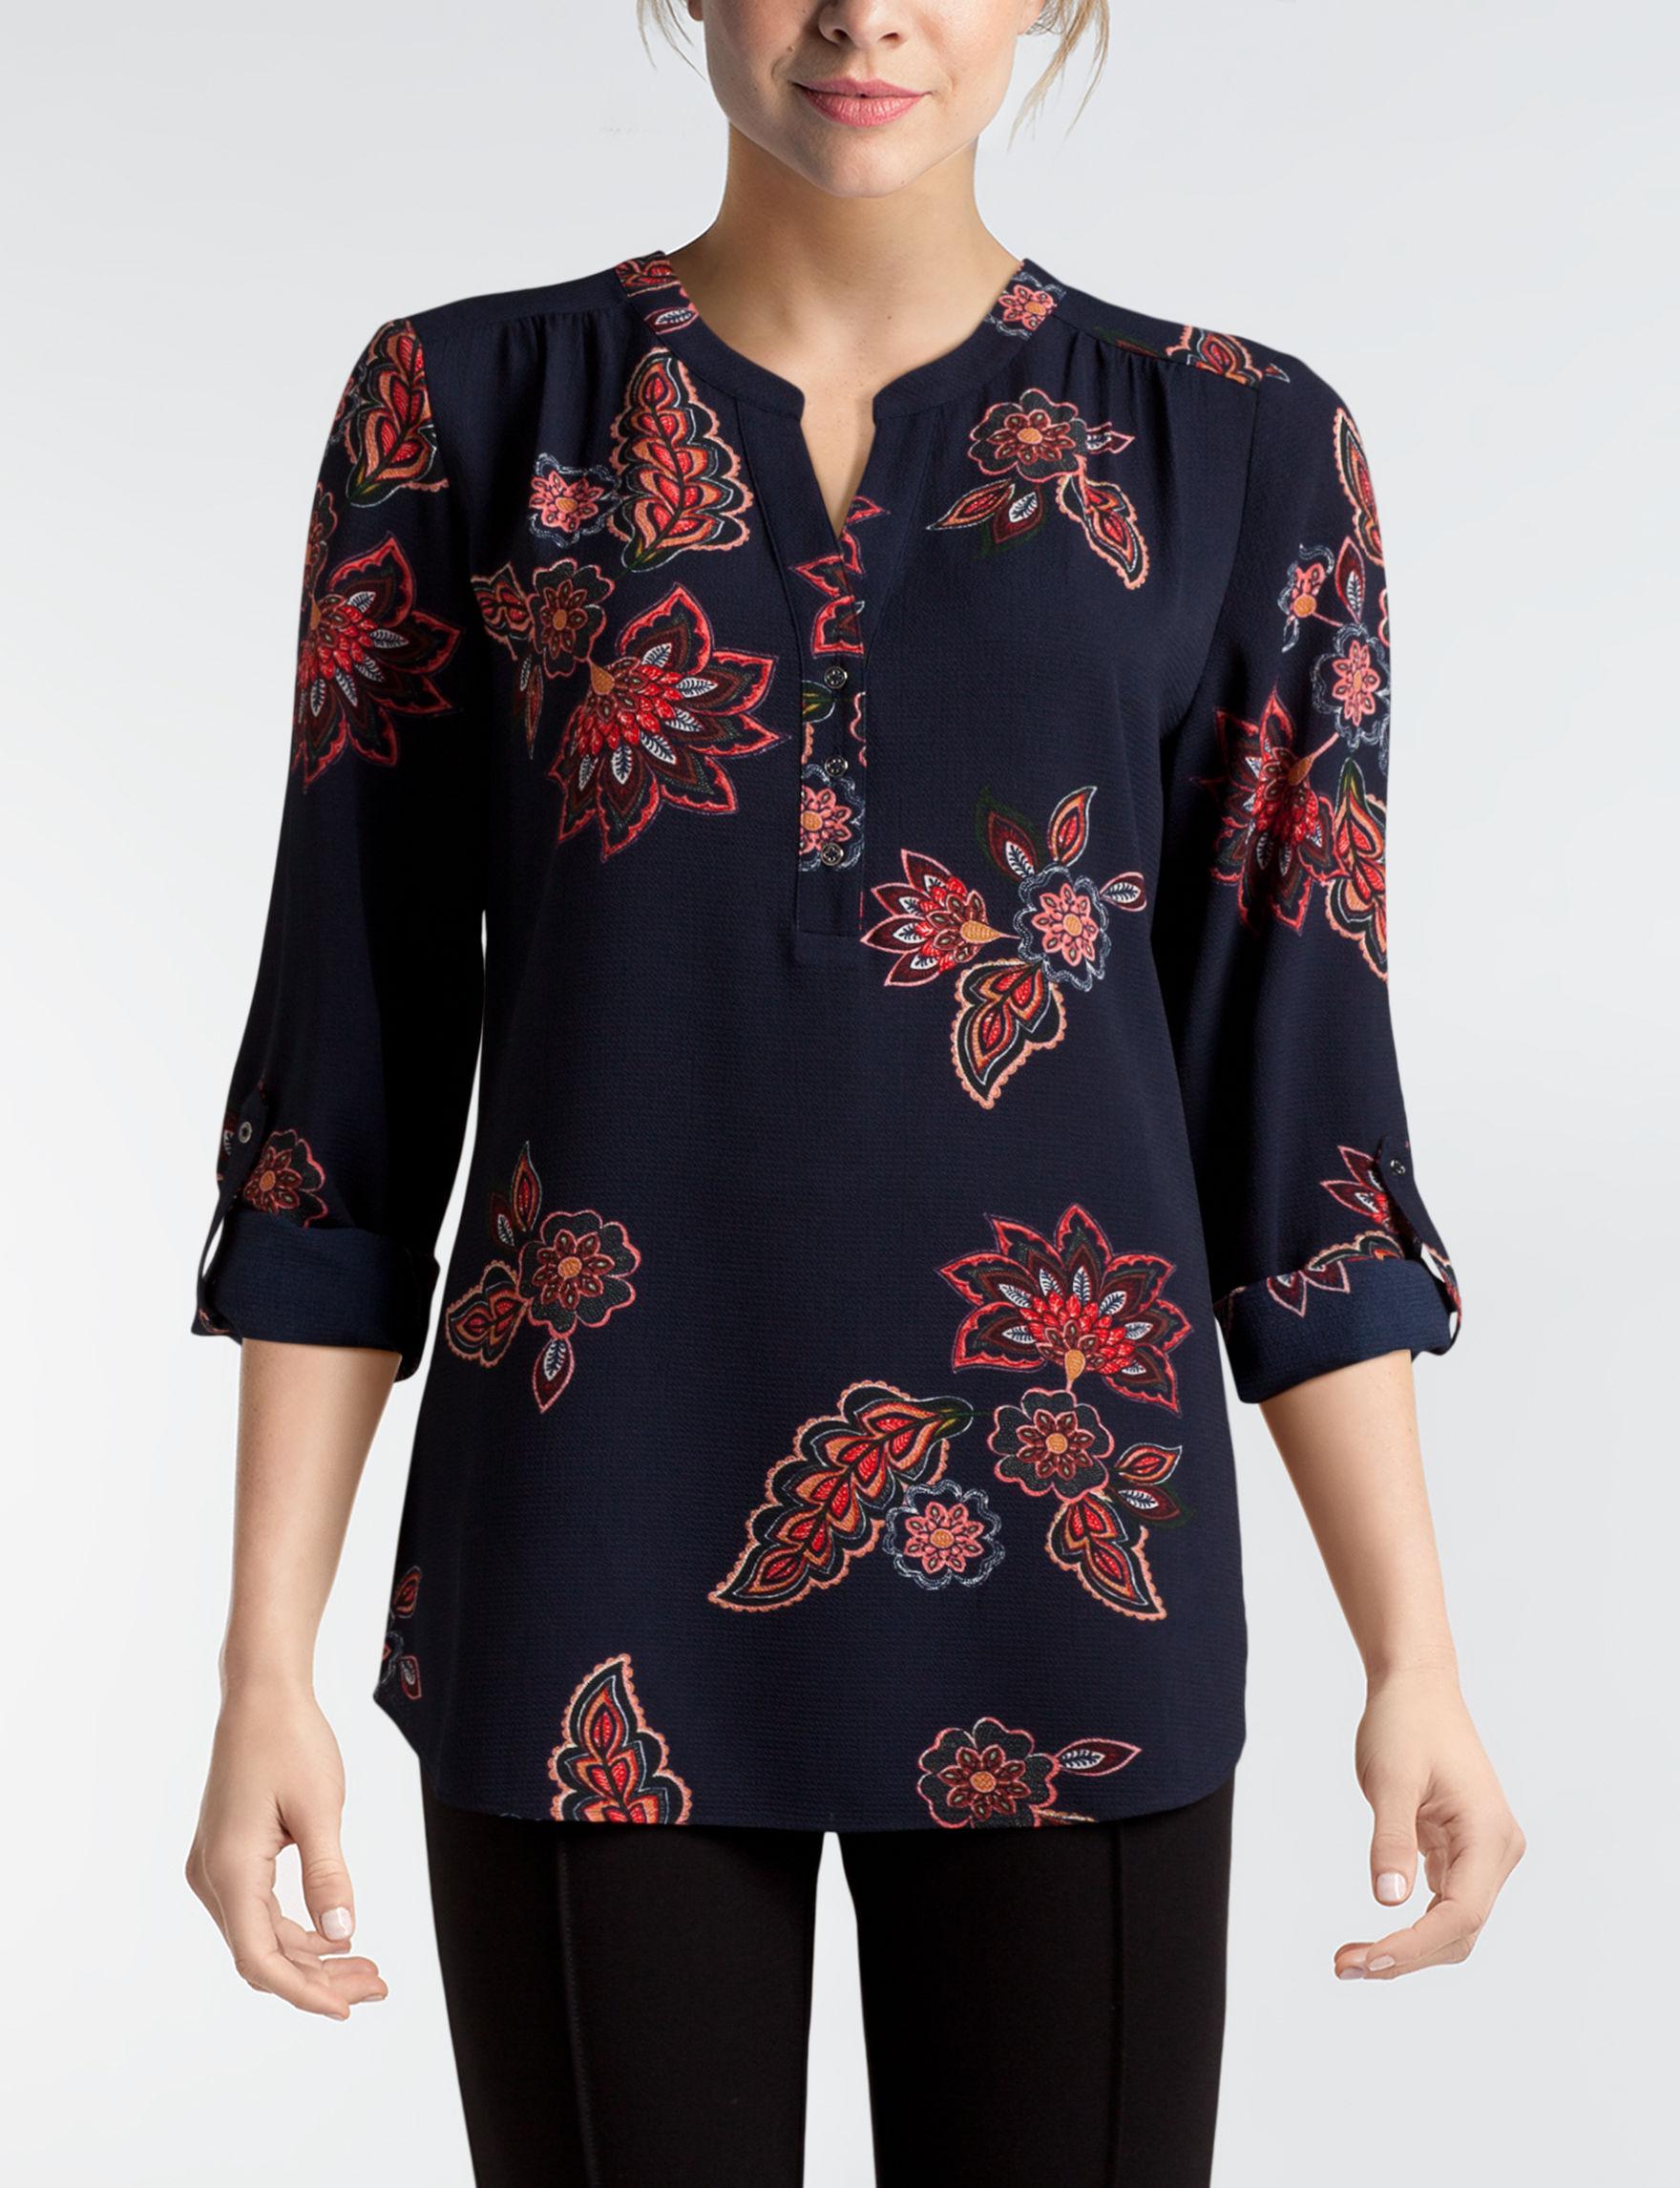 Valerie Stevens Black Multi Shirts & Blouses